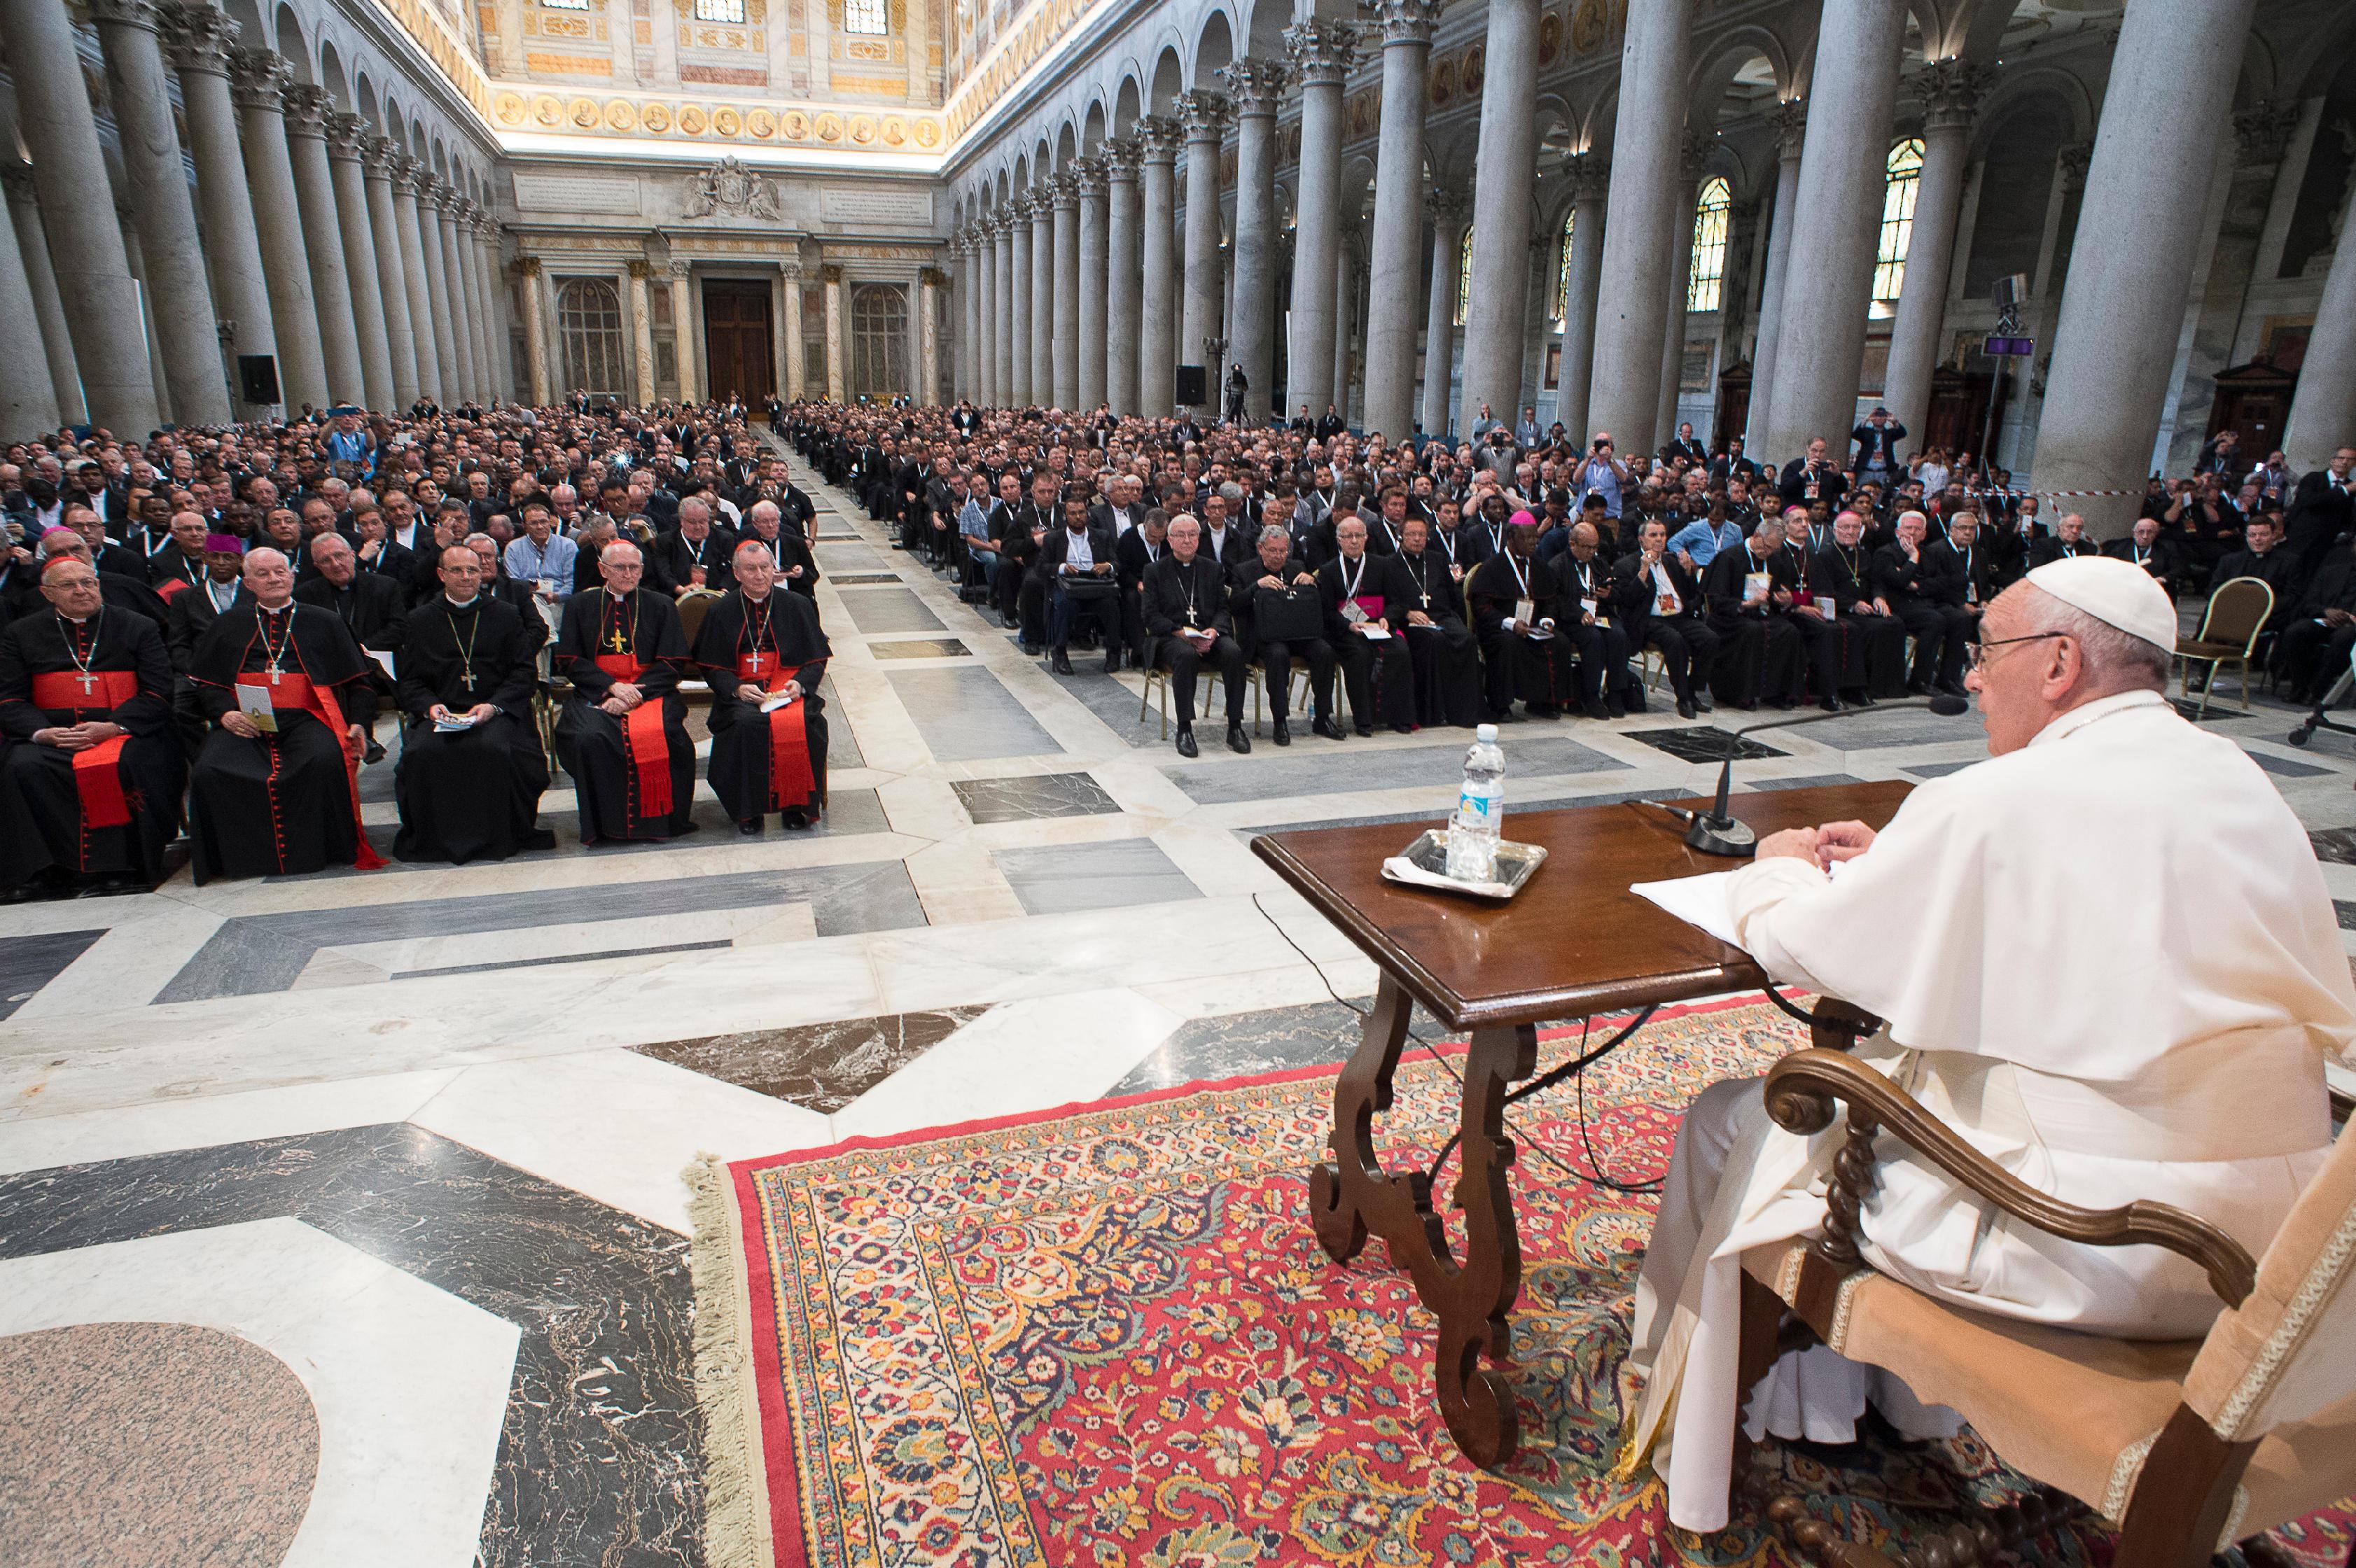 Jubilé des prêtres, 3e méditation, Saint-Paul-hors-les-Murs, 2 juin 2016, L'Osservatore Romano